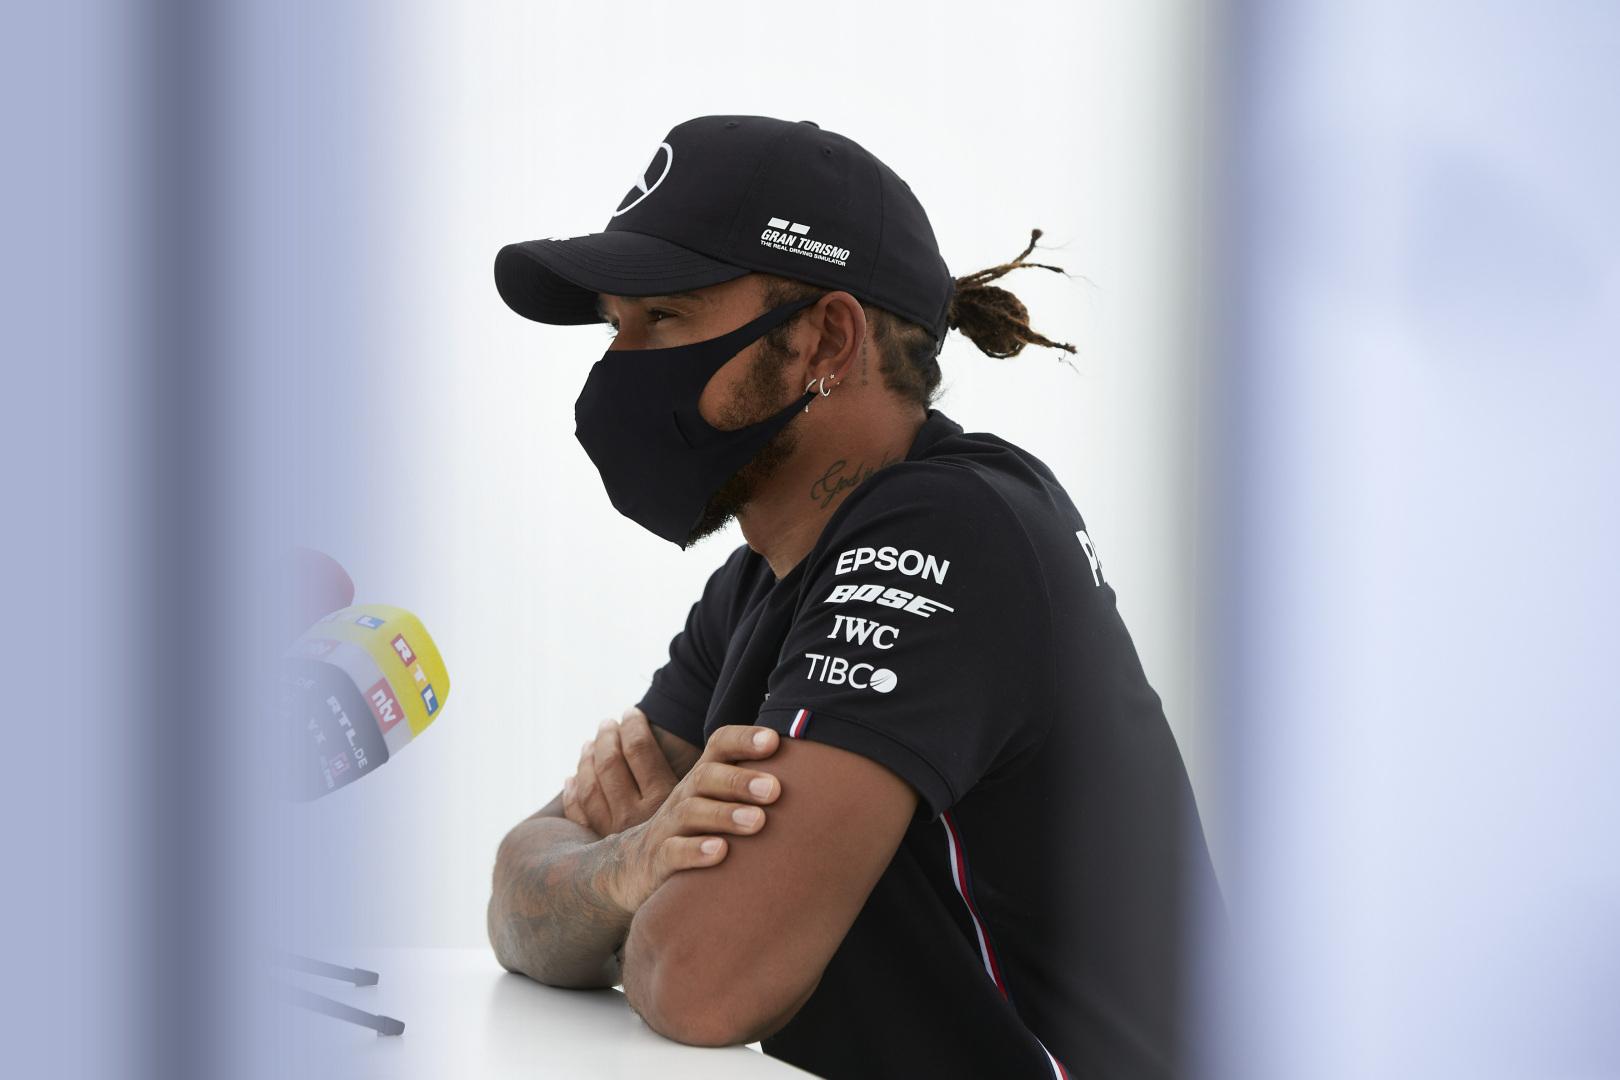 Hamilton n'a aucun doute sur les capacités d'Alonso à presque 40 ans 1